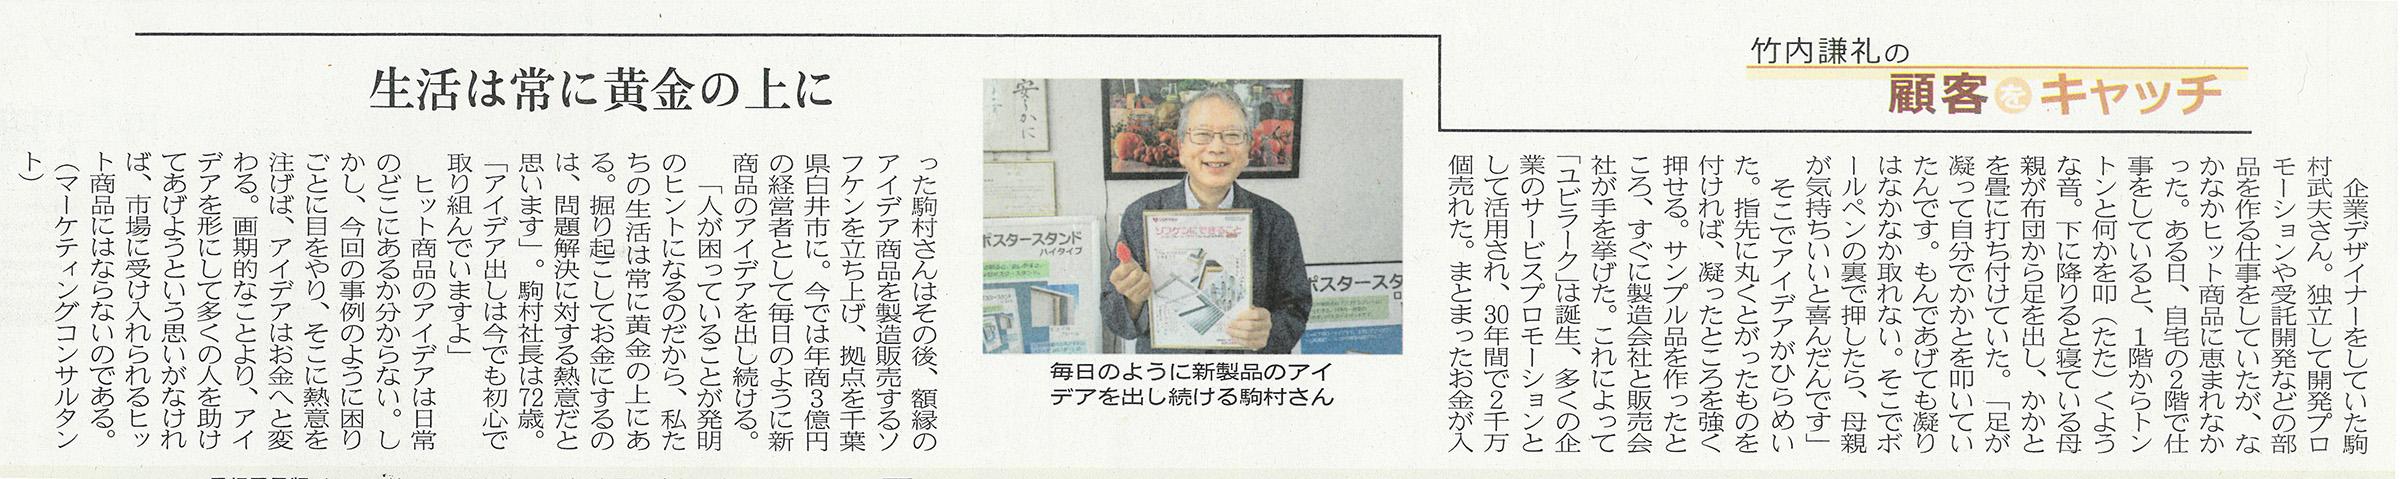 日経MJ 紹介記事